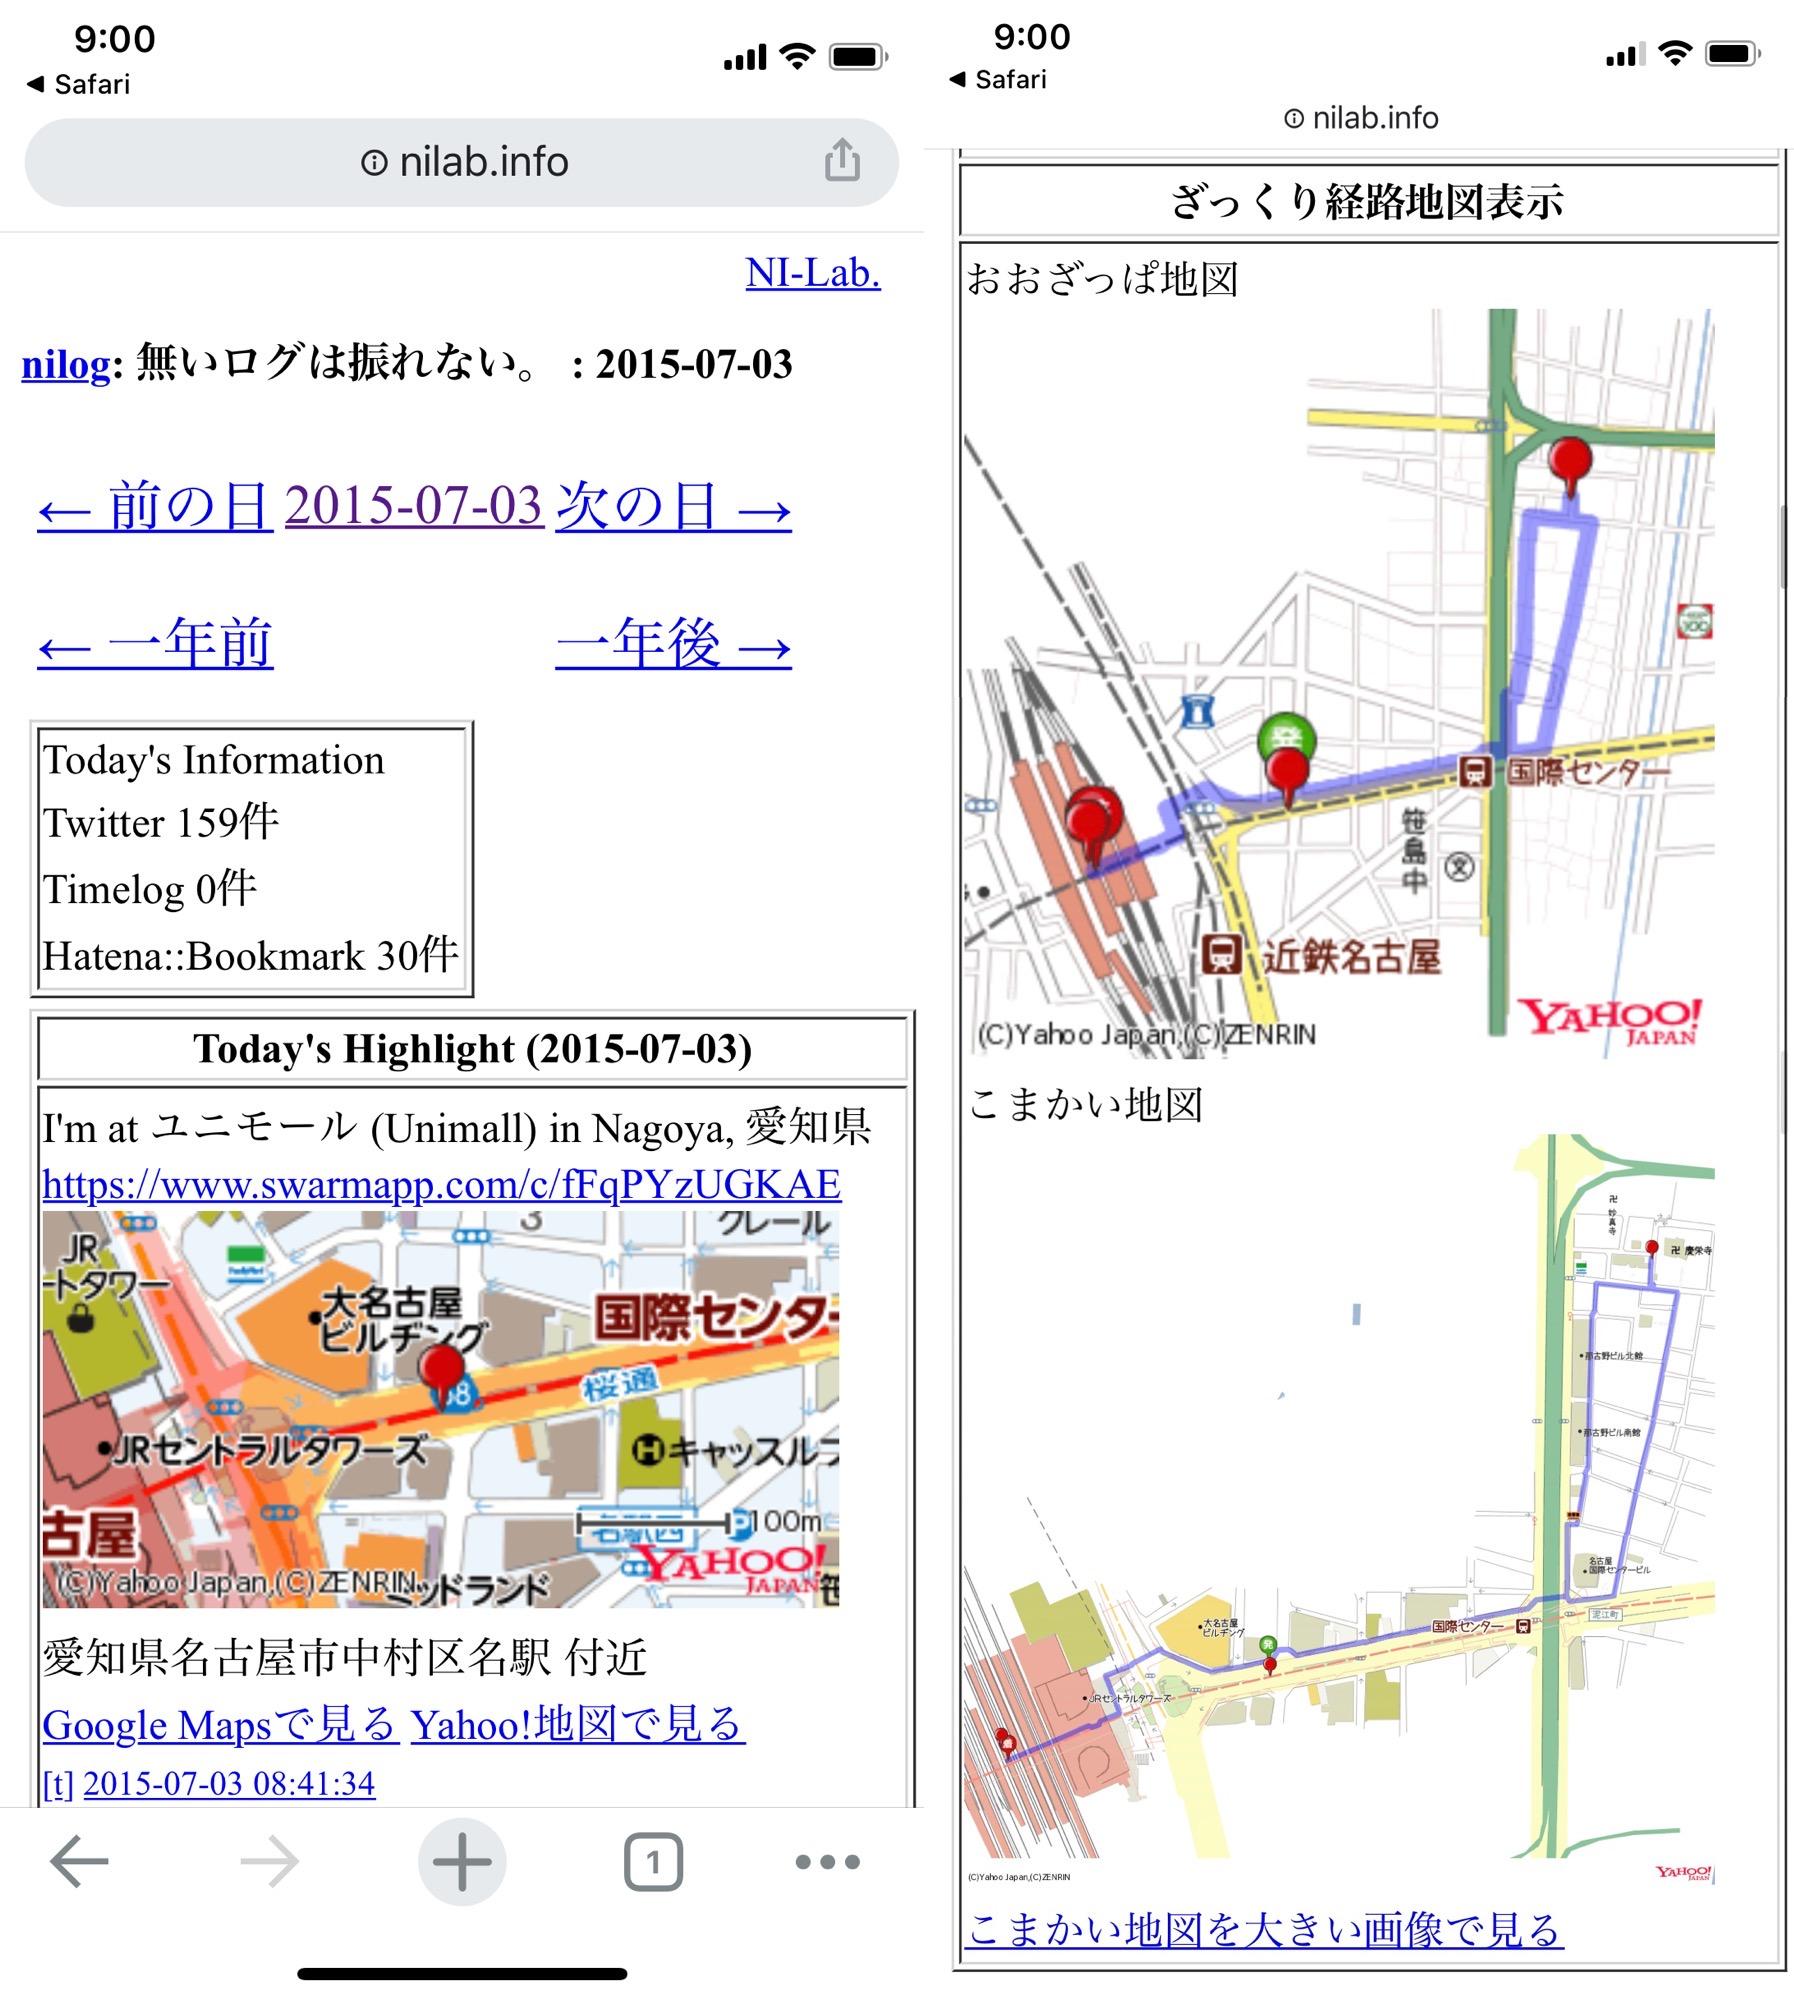 nilog の地図は Web ページ上の img タグで YOLP API を直接コールして表示していたけど、これからは地図画像をいったんサーバに保存してそれを参照するように修正した。またざっくり経路地図表示で「こまかい地図」も表示するようにしてみた。  nilog: 無いログは振れない。 https://t.co/gyOSRxJjyt https://t.co/Hdws5lTEg7